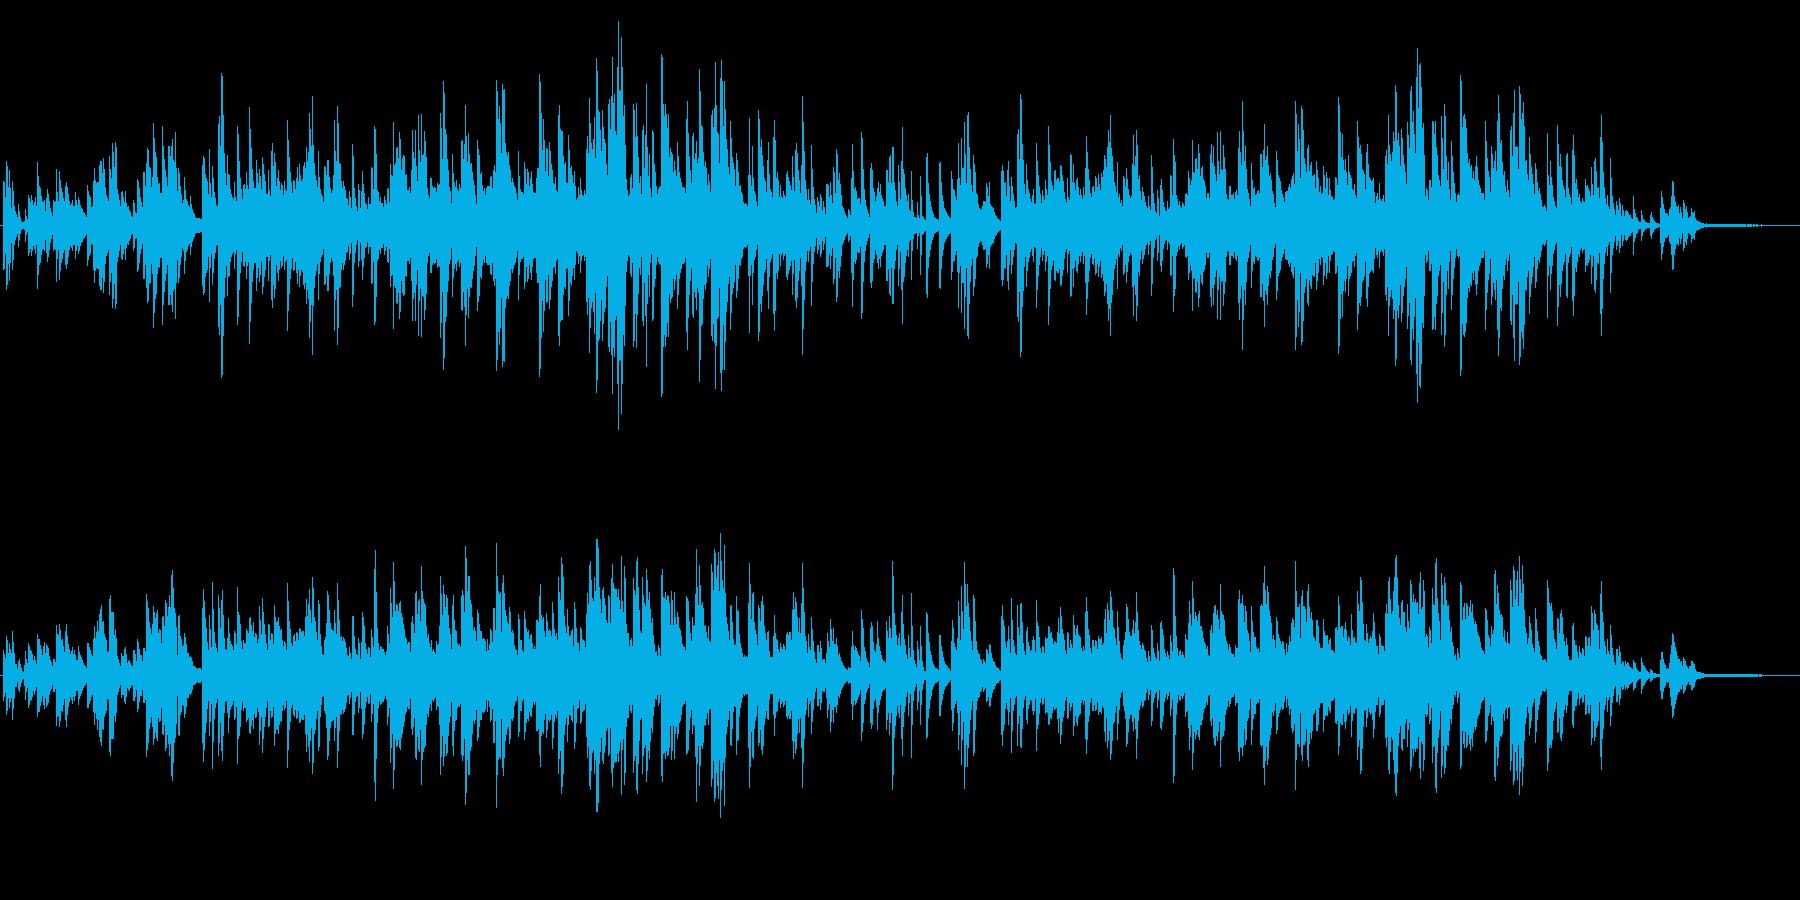 動画や店内BGMに使いやすい、ピアノソロの再生済みの波形